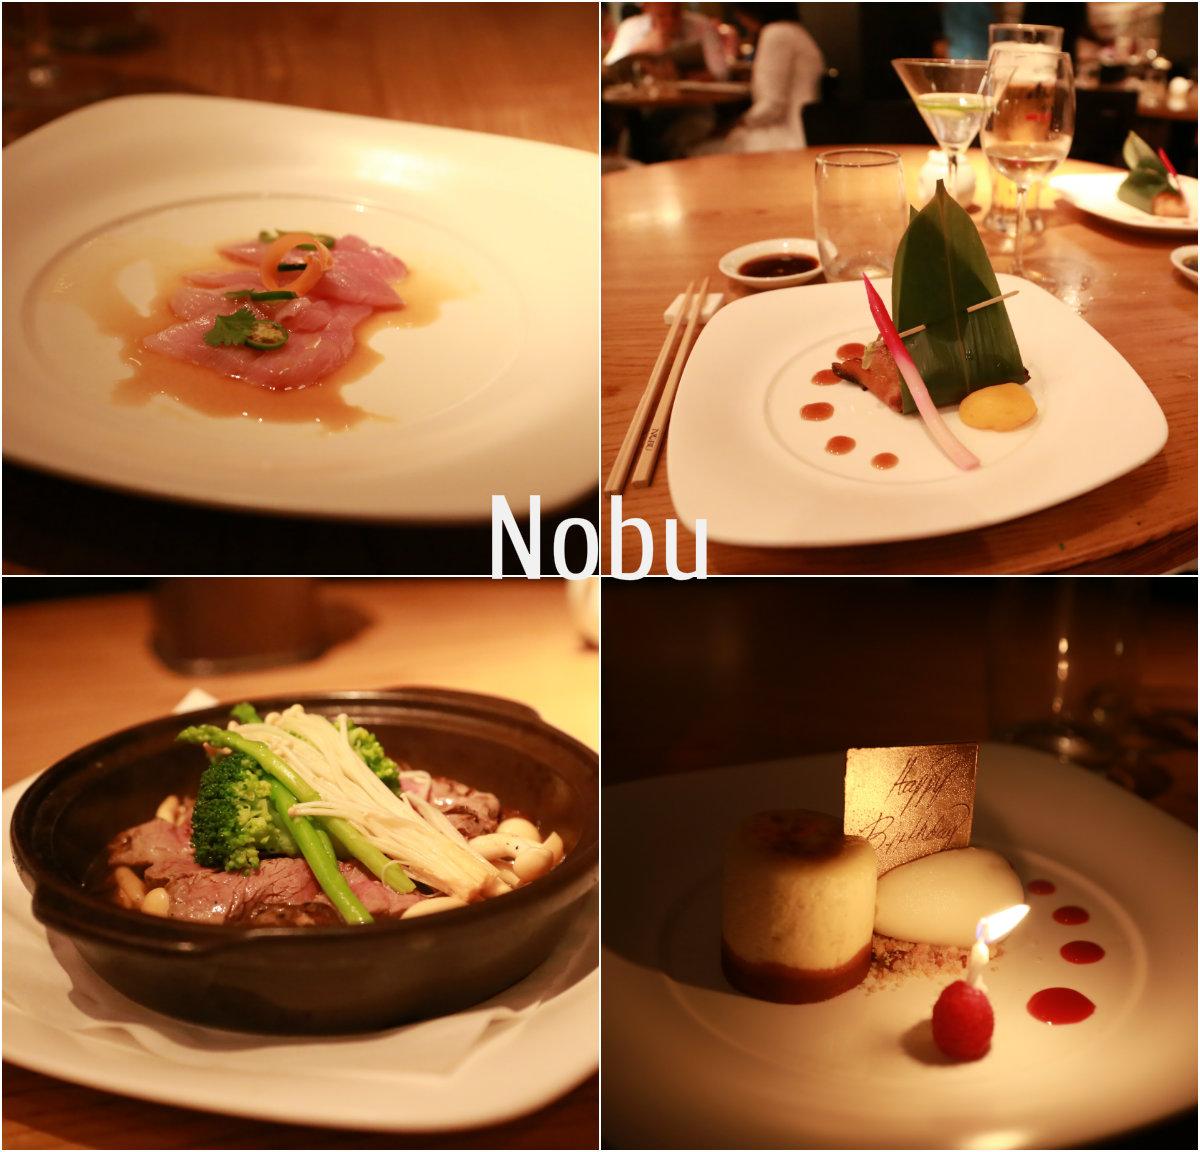 Minifitness_dinner_dubai_noburestaurant